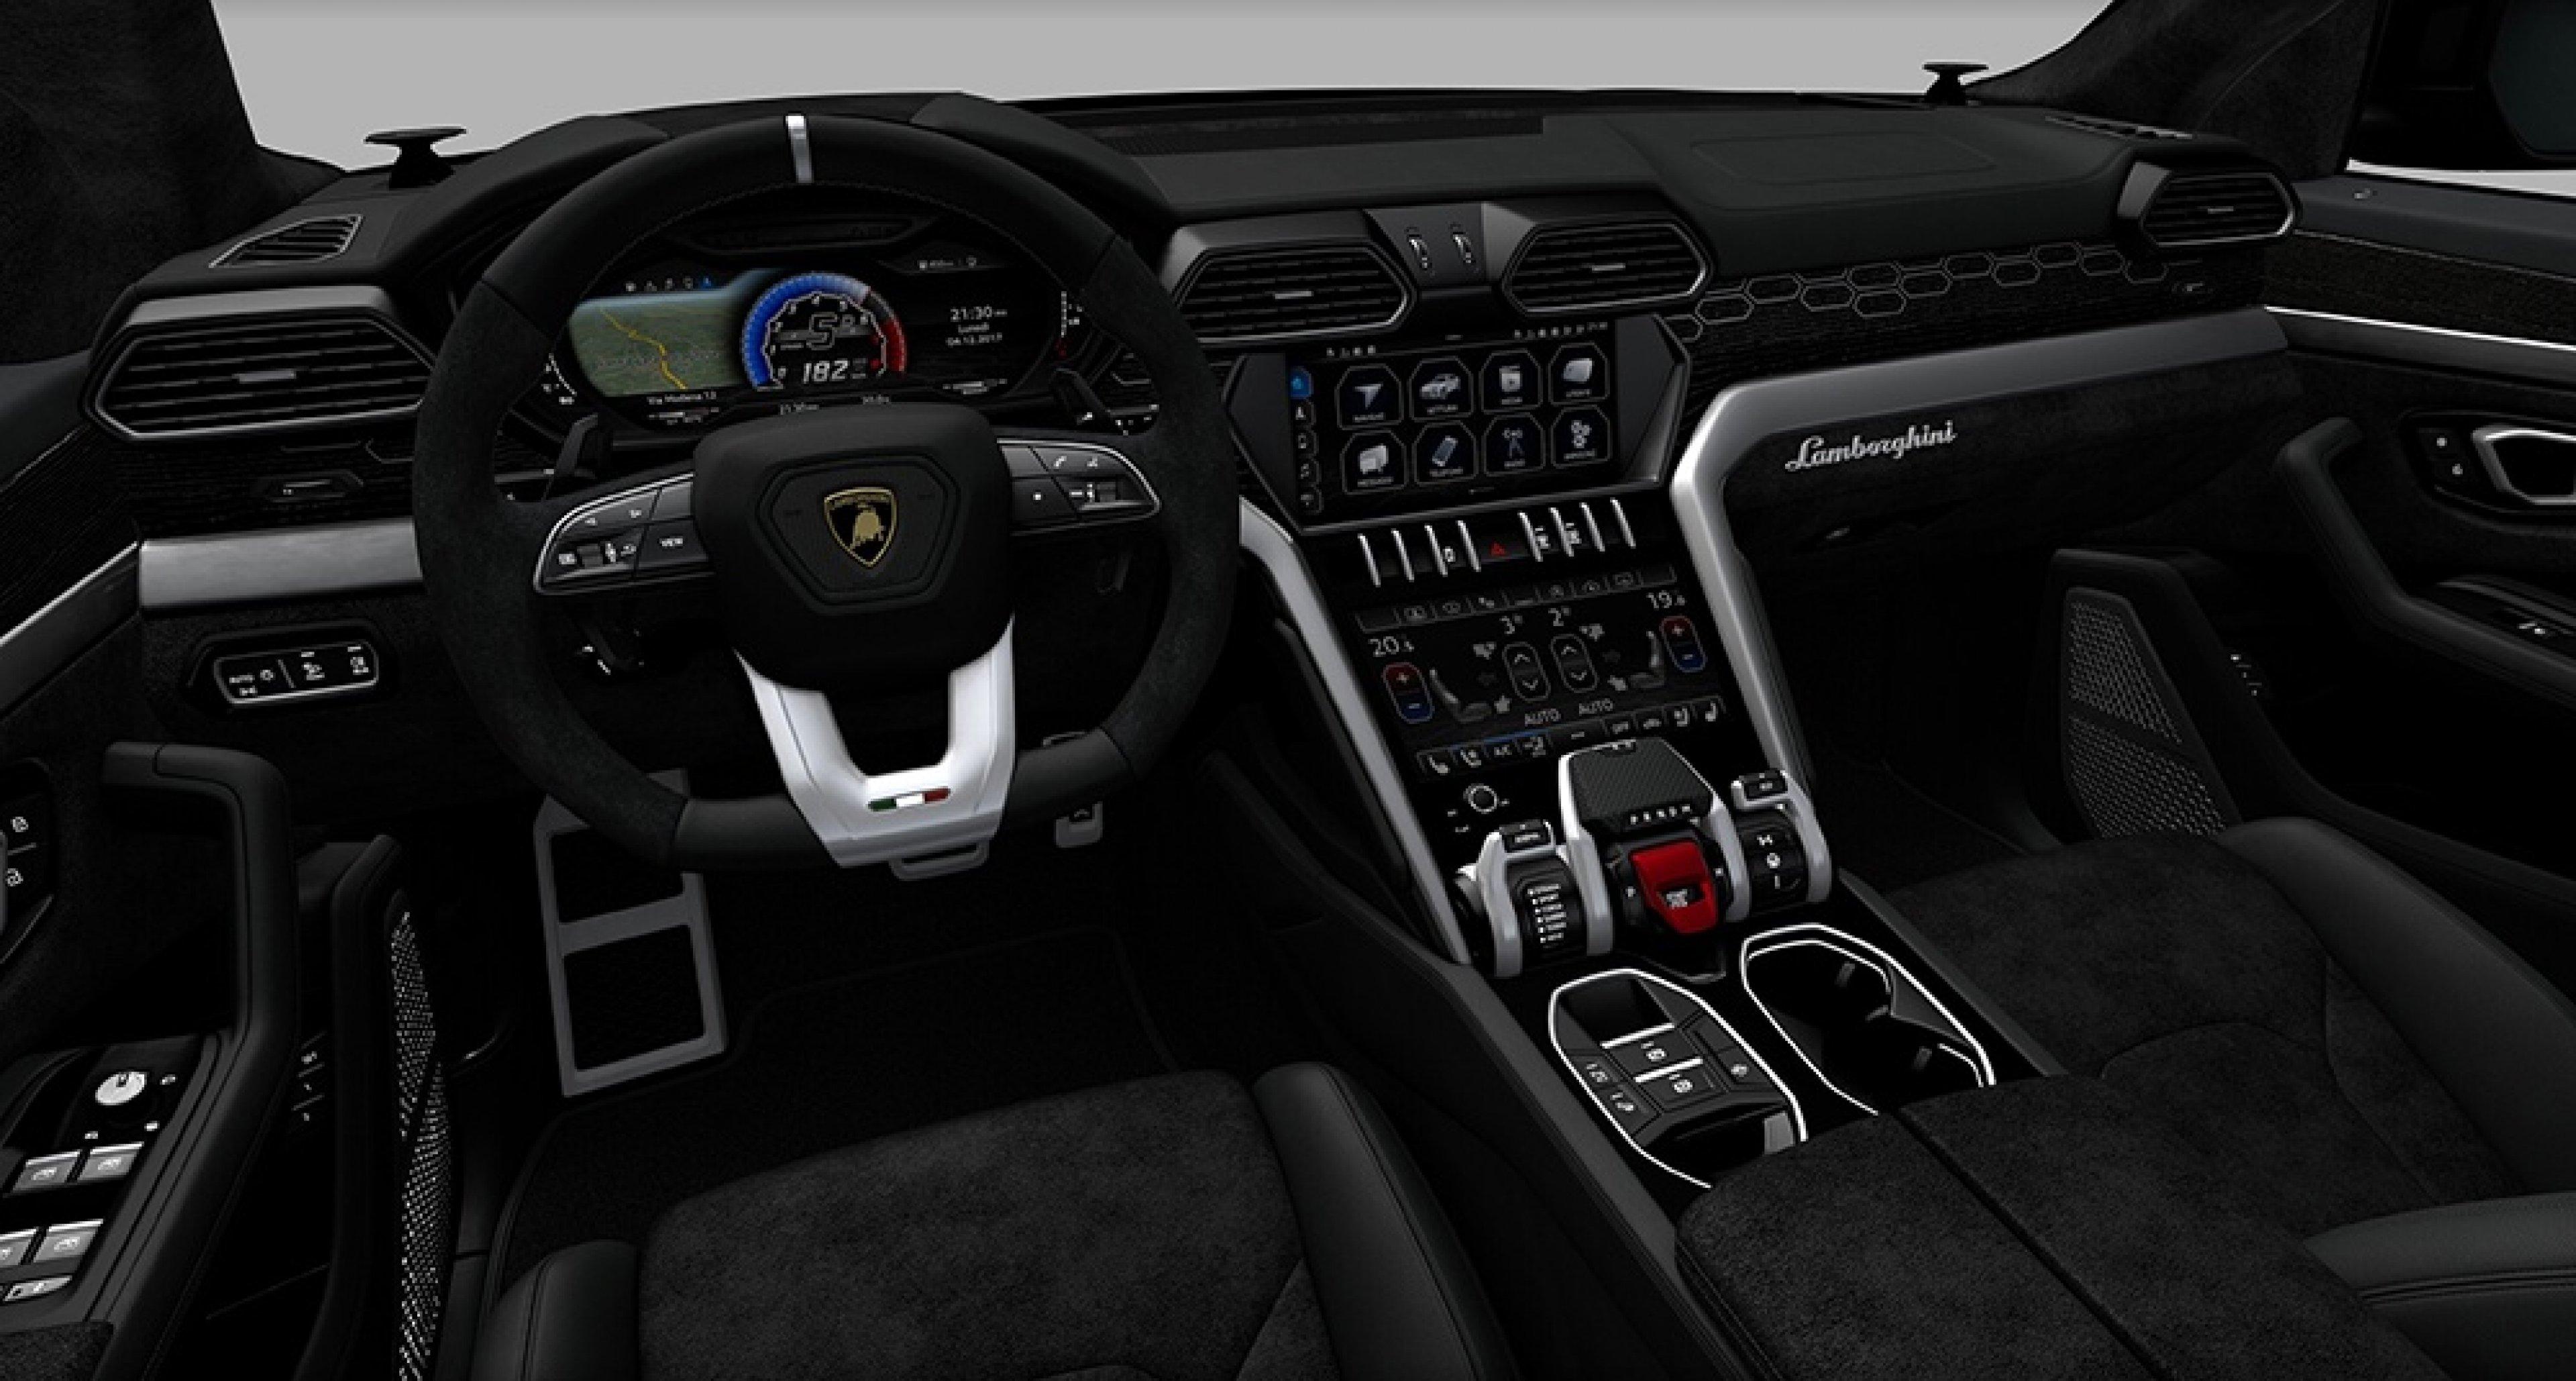 Let\u0027s get personal with the Lamborghini Urus